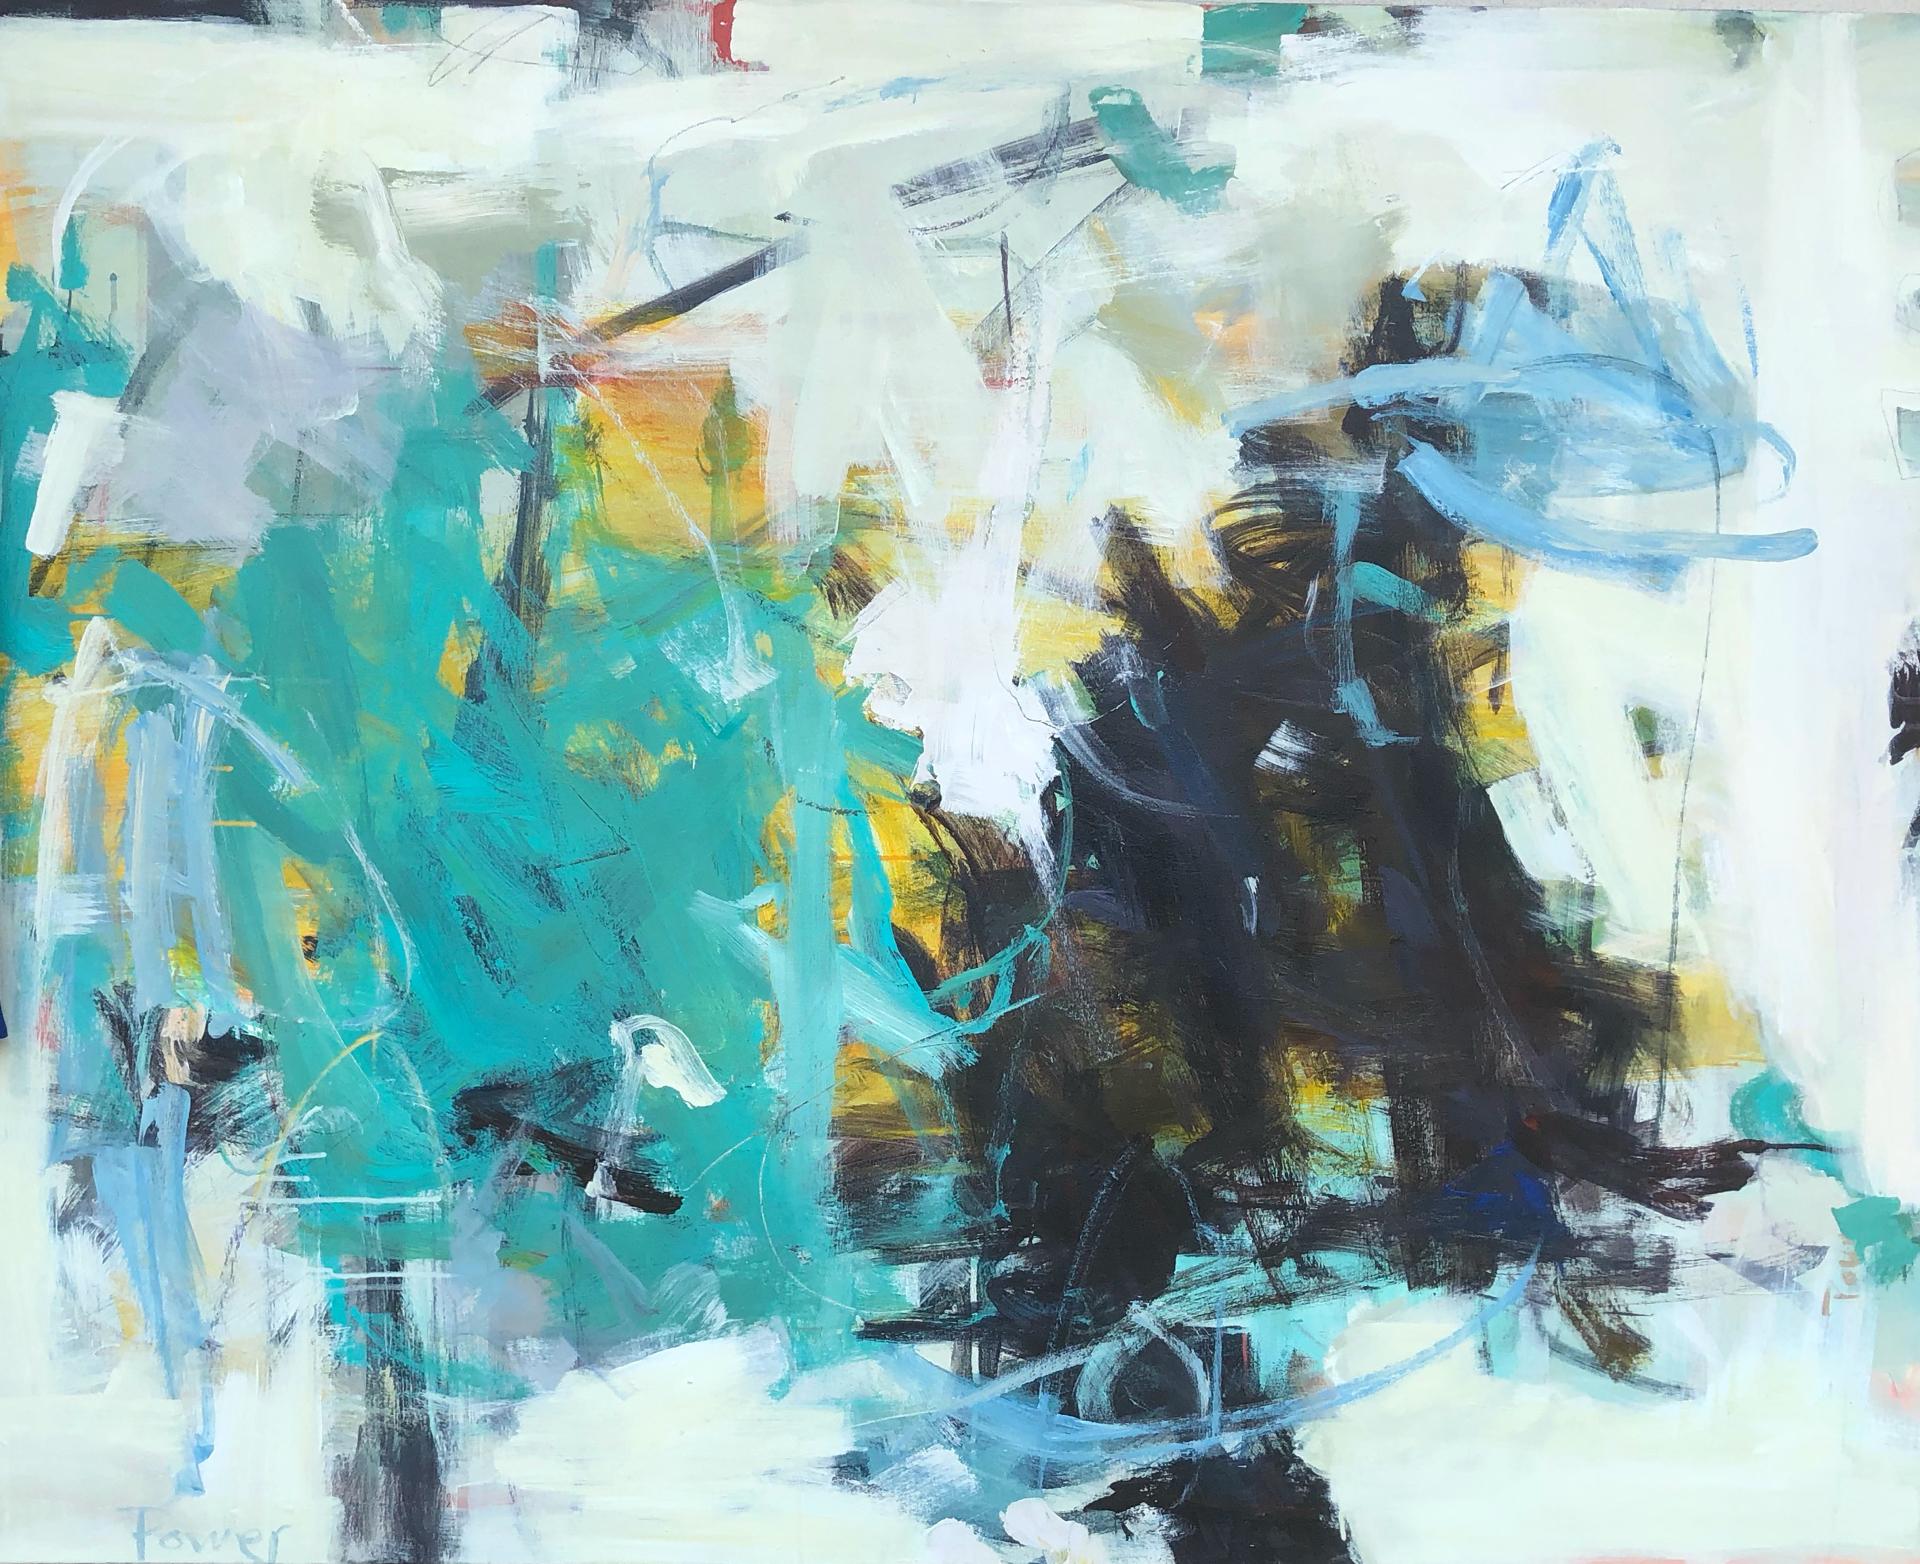 Seaside 3 by Eileen Power